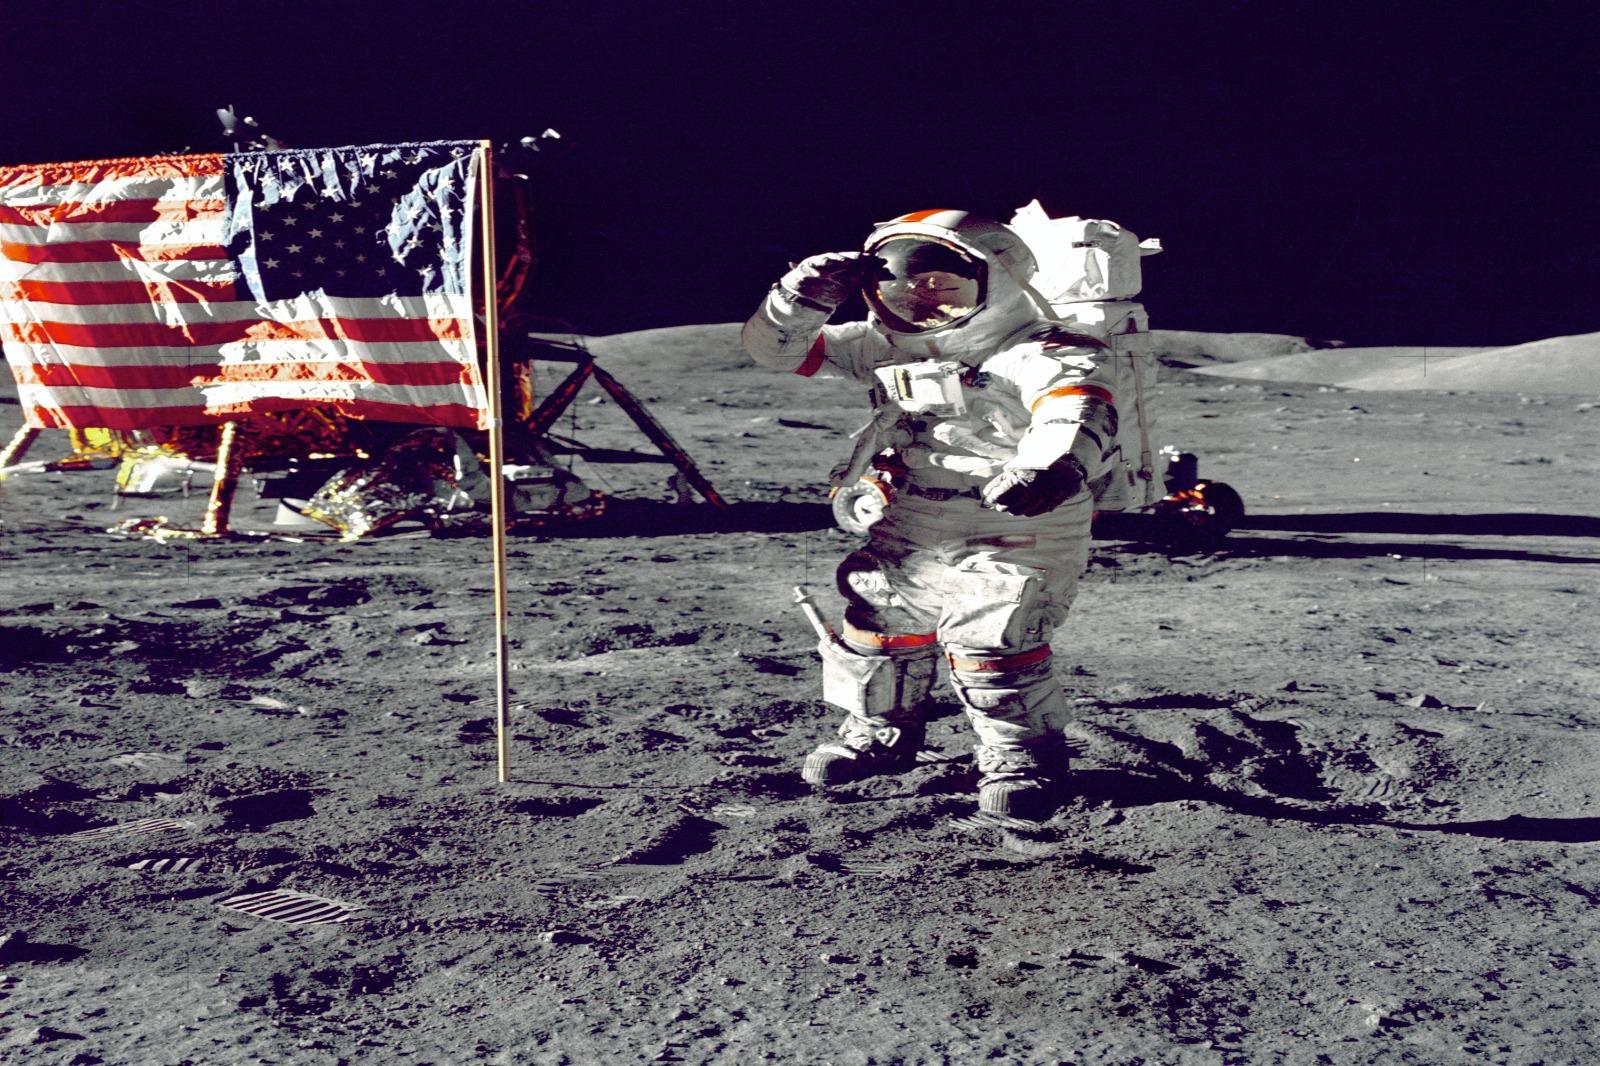 Luna allunaggio teorie complottiste e politica